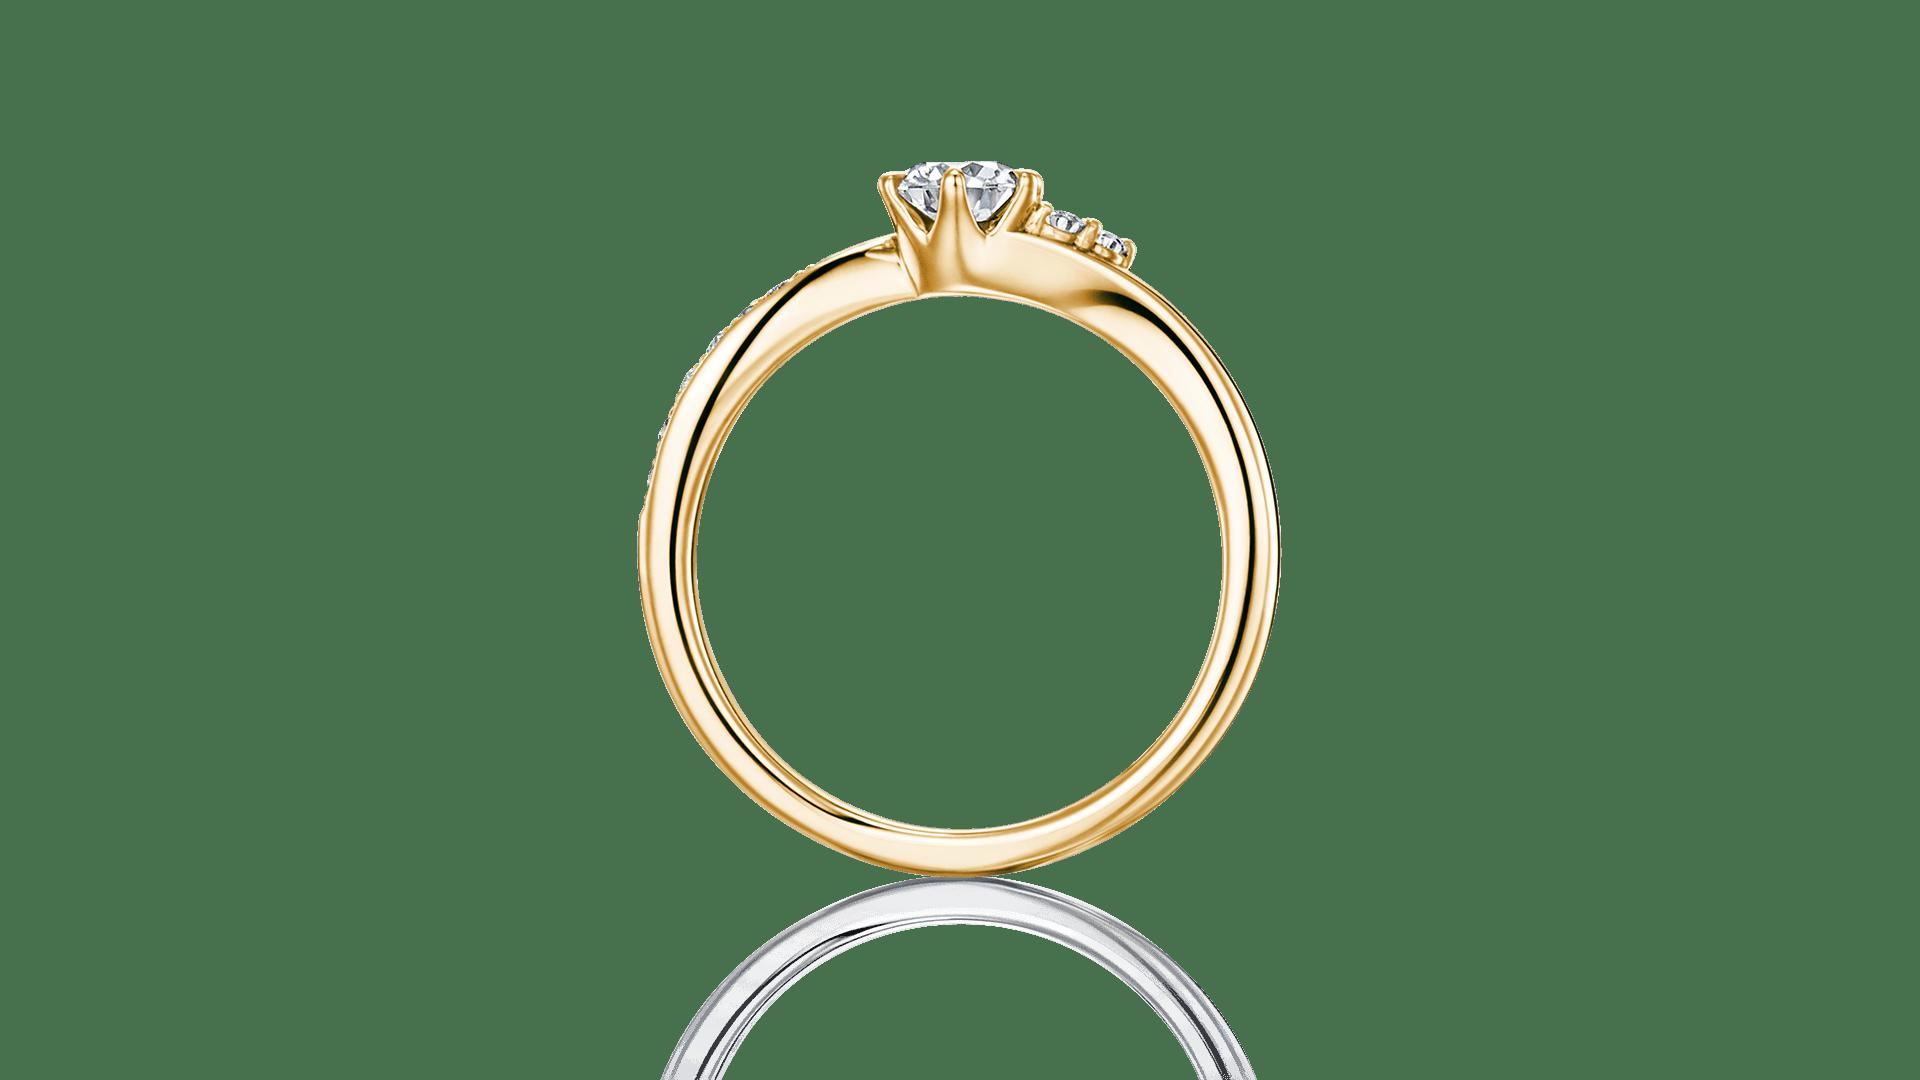 andromeda アンドロメダ   婚約指輪サムネイル 2